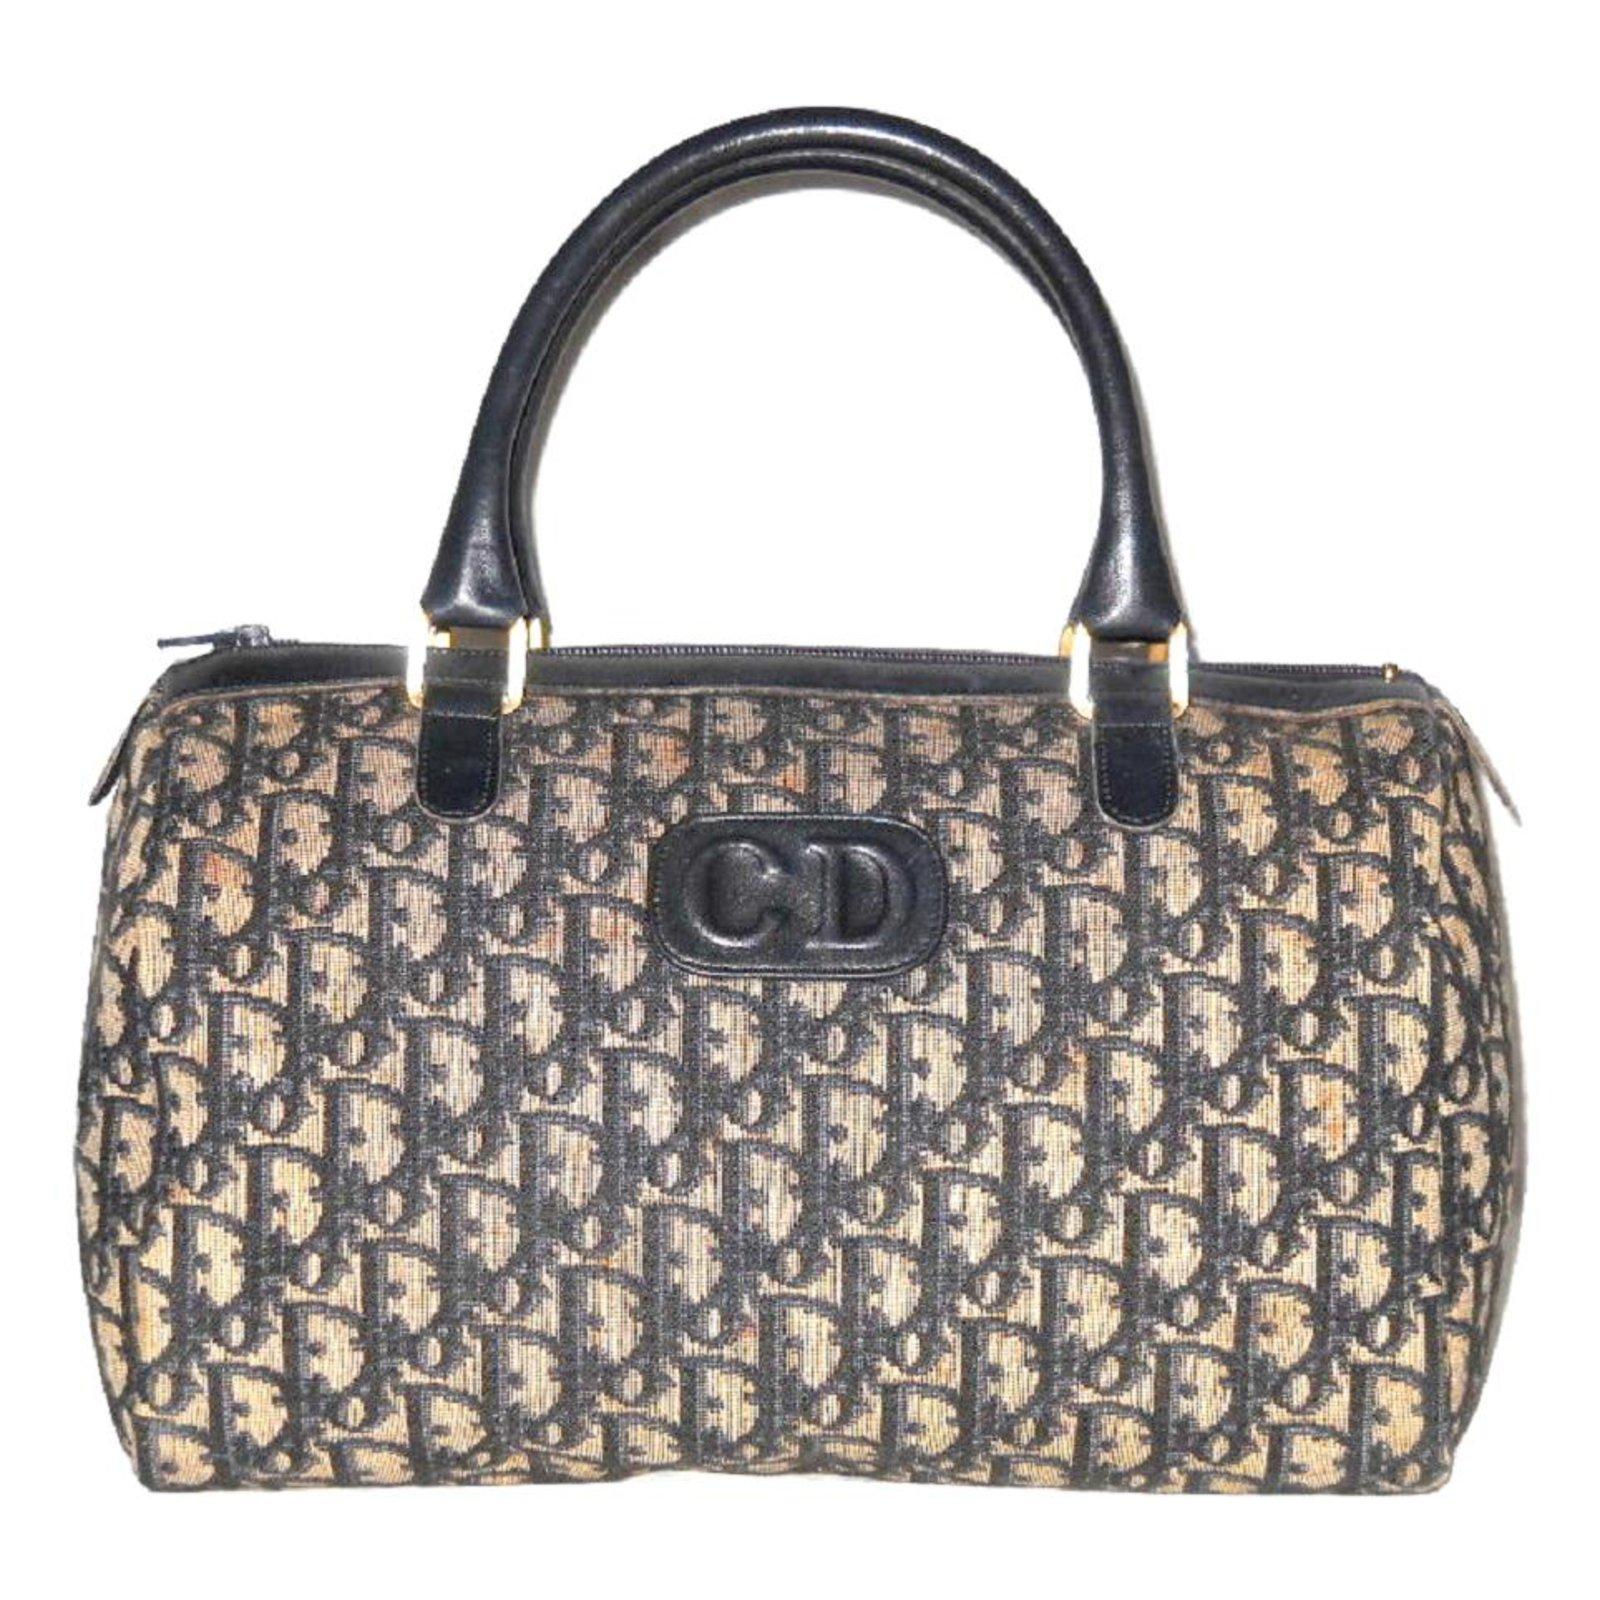 Dior Sdy 30 Vintage Handbags Cloth Blue Ref 24329